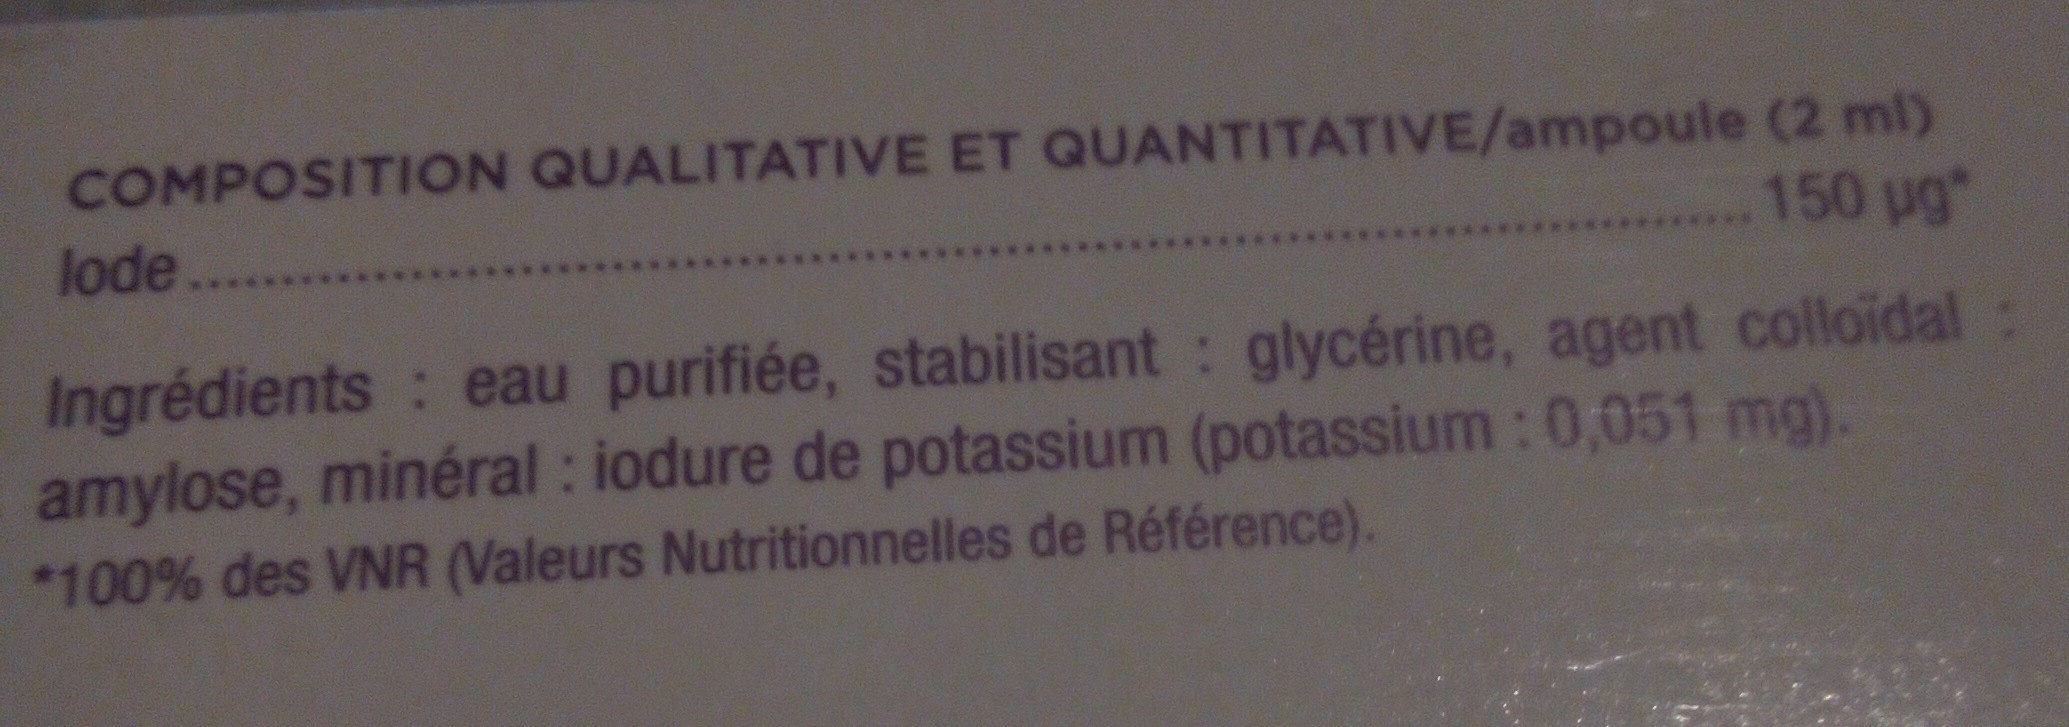 granions d'iode - Ingrédients